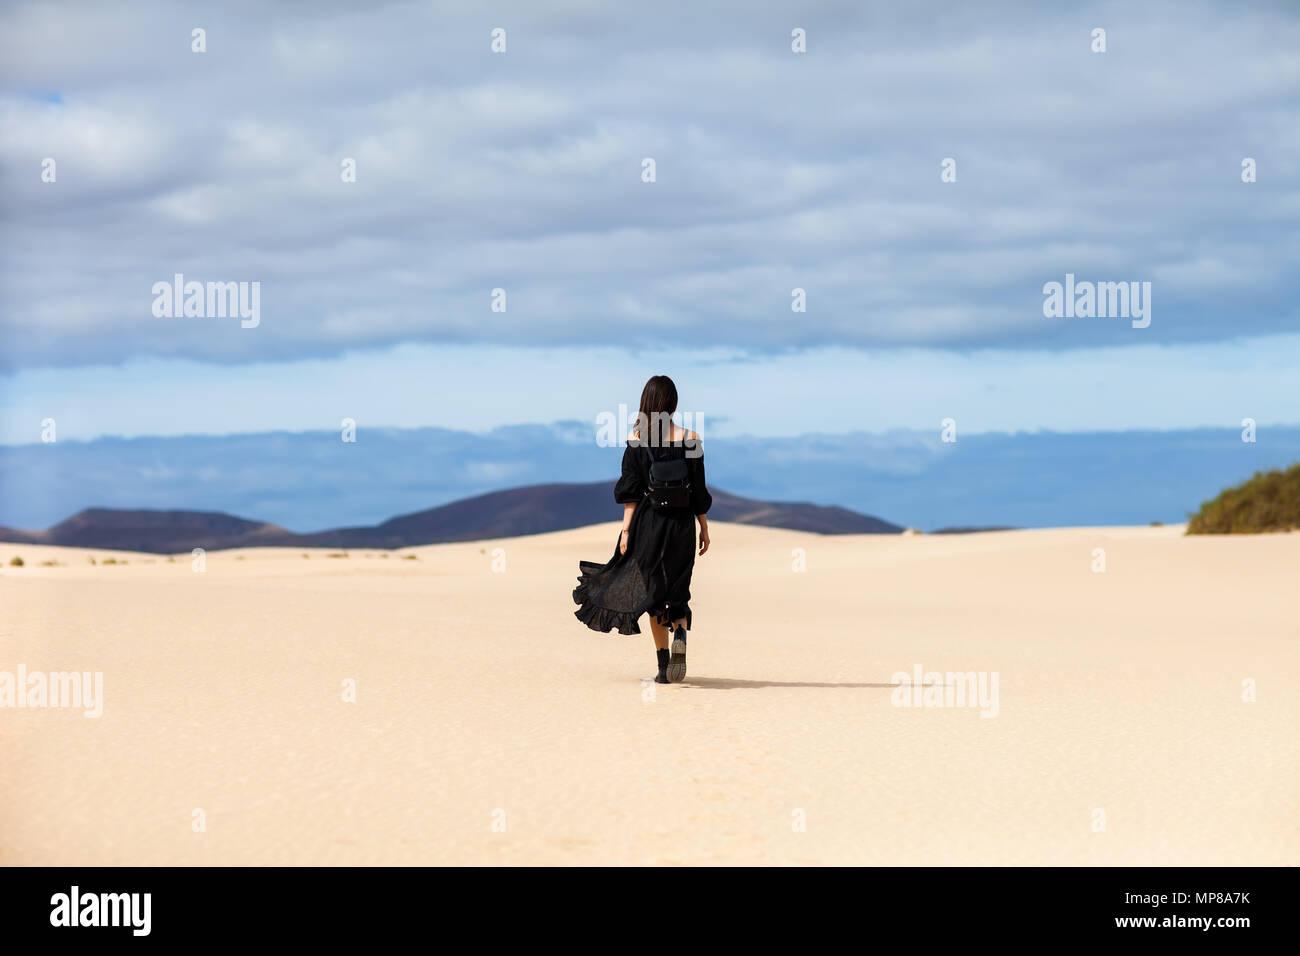 In voller Länge Porträt der einsame Frau geht weg in der Wüste auf der Kanarischen Inseln. Travel Concept Stockbild